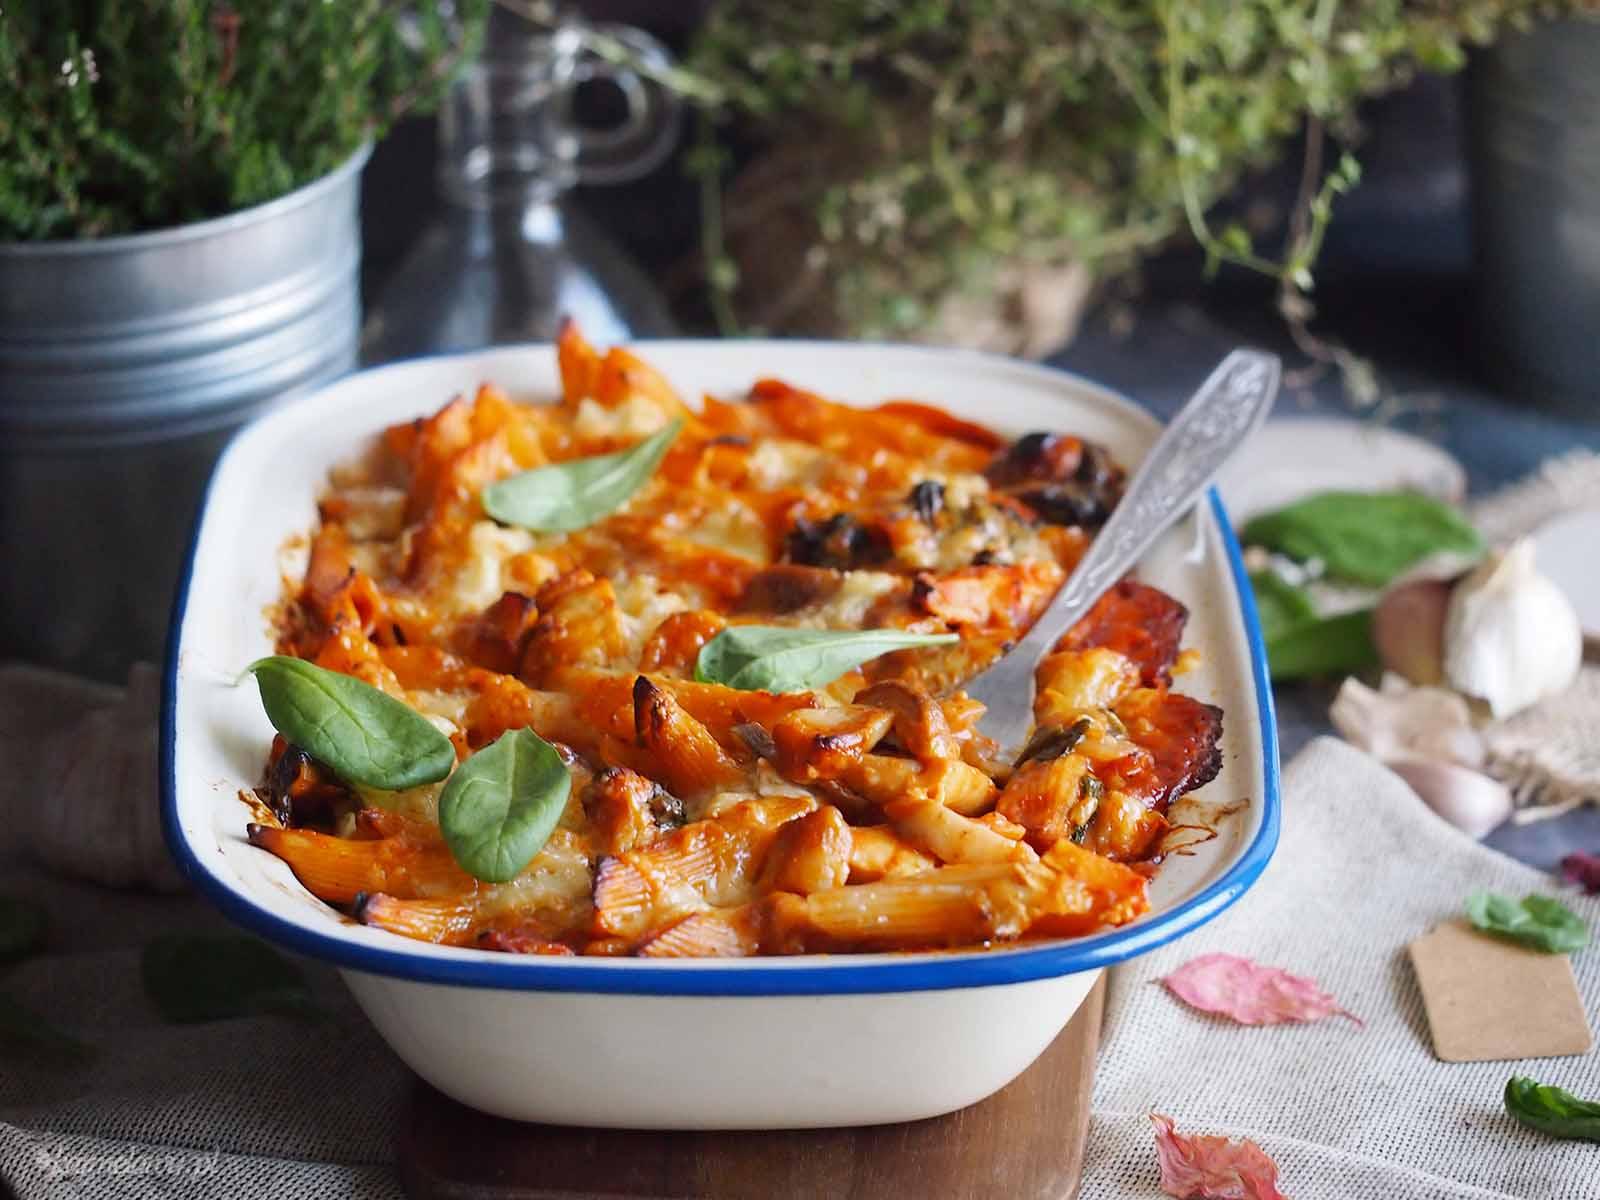 Zapiekanka-makaronowa-z-kurczakiem-i-grzybami-Chicken-and-mushroom-pasta-bake